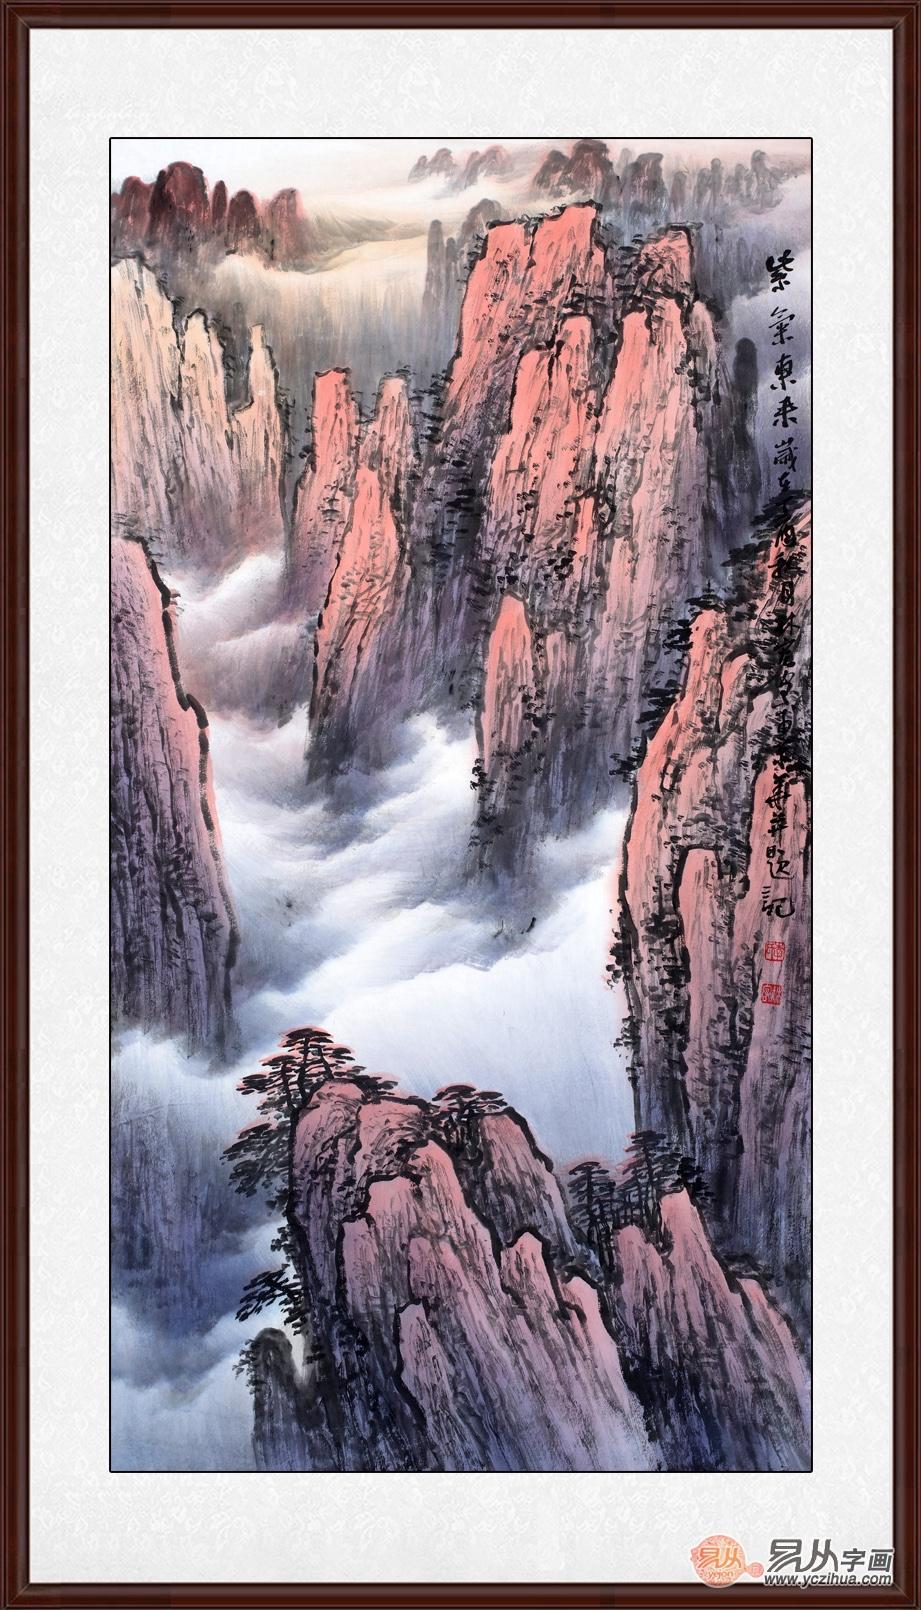 李林宏最新力作竖幅山水画黄山《紫气东来》作品在【易从网】热销中